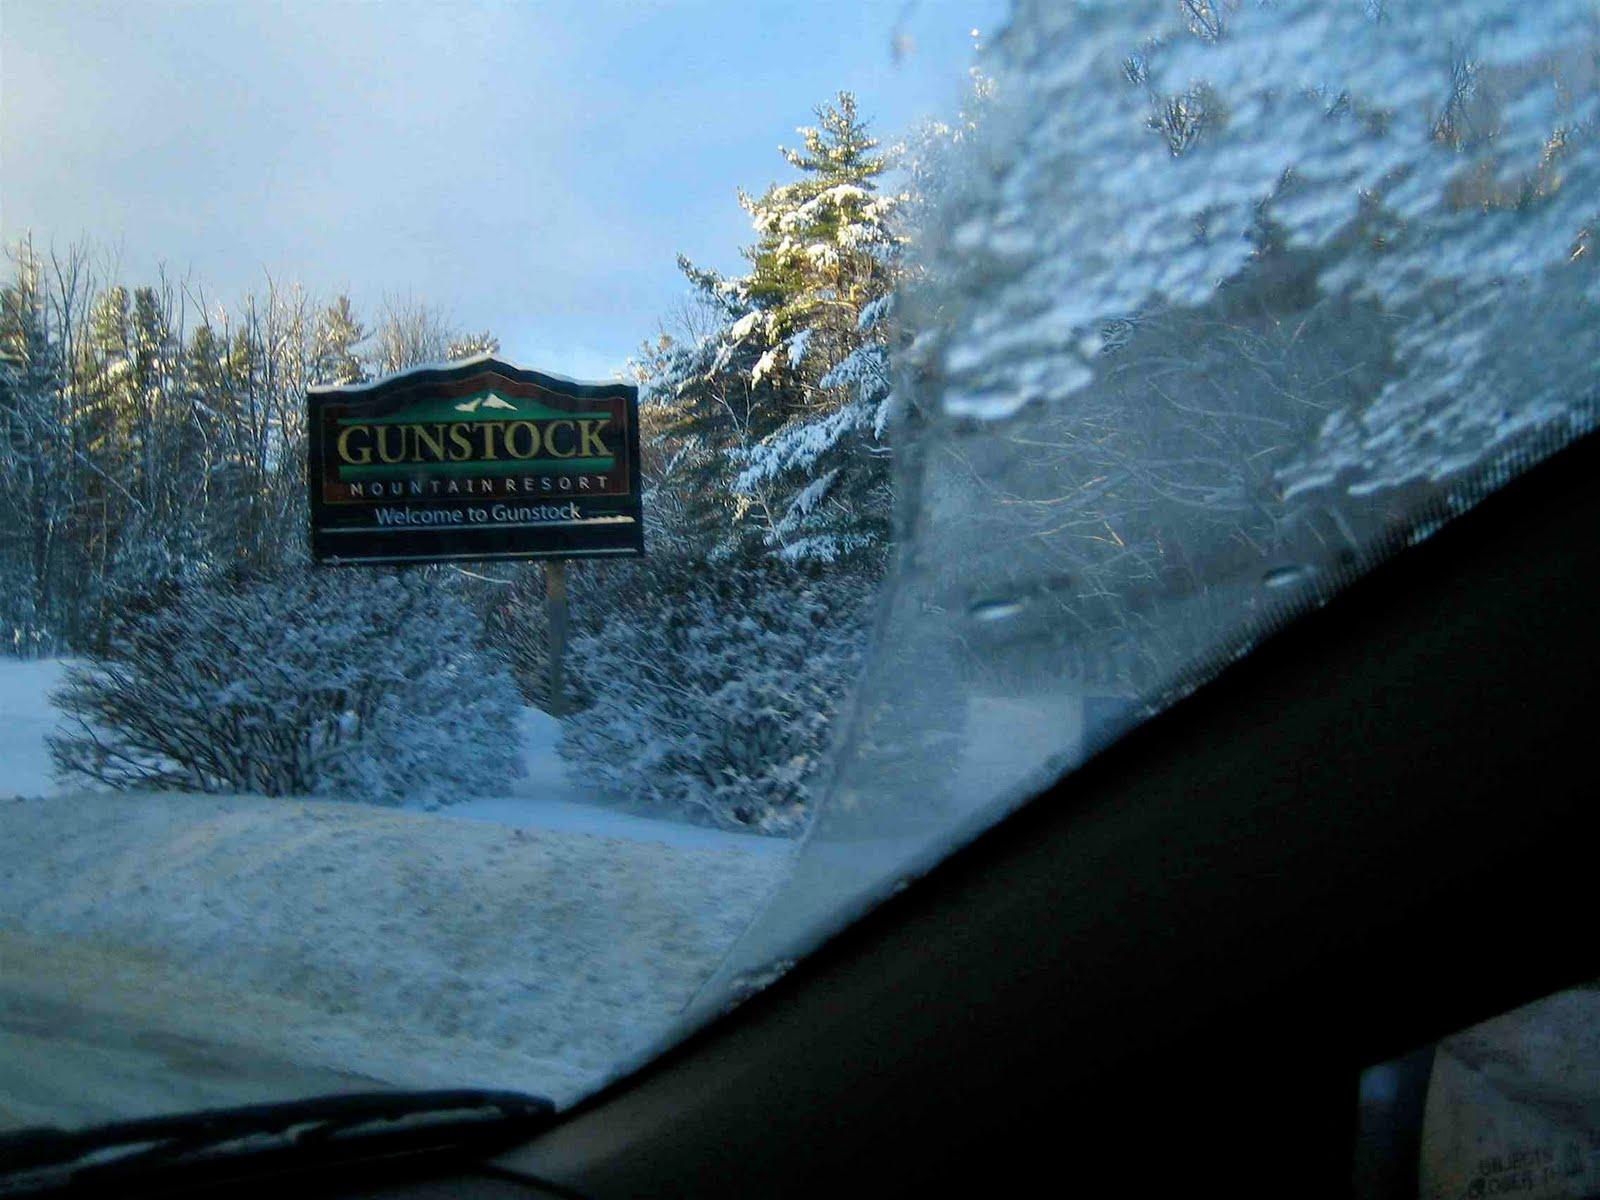 Entrance to Gunstock resort.